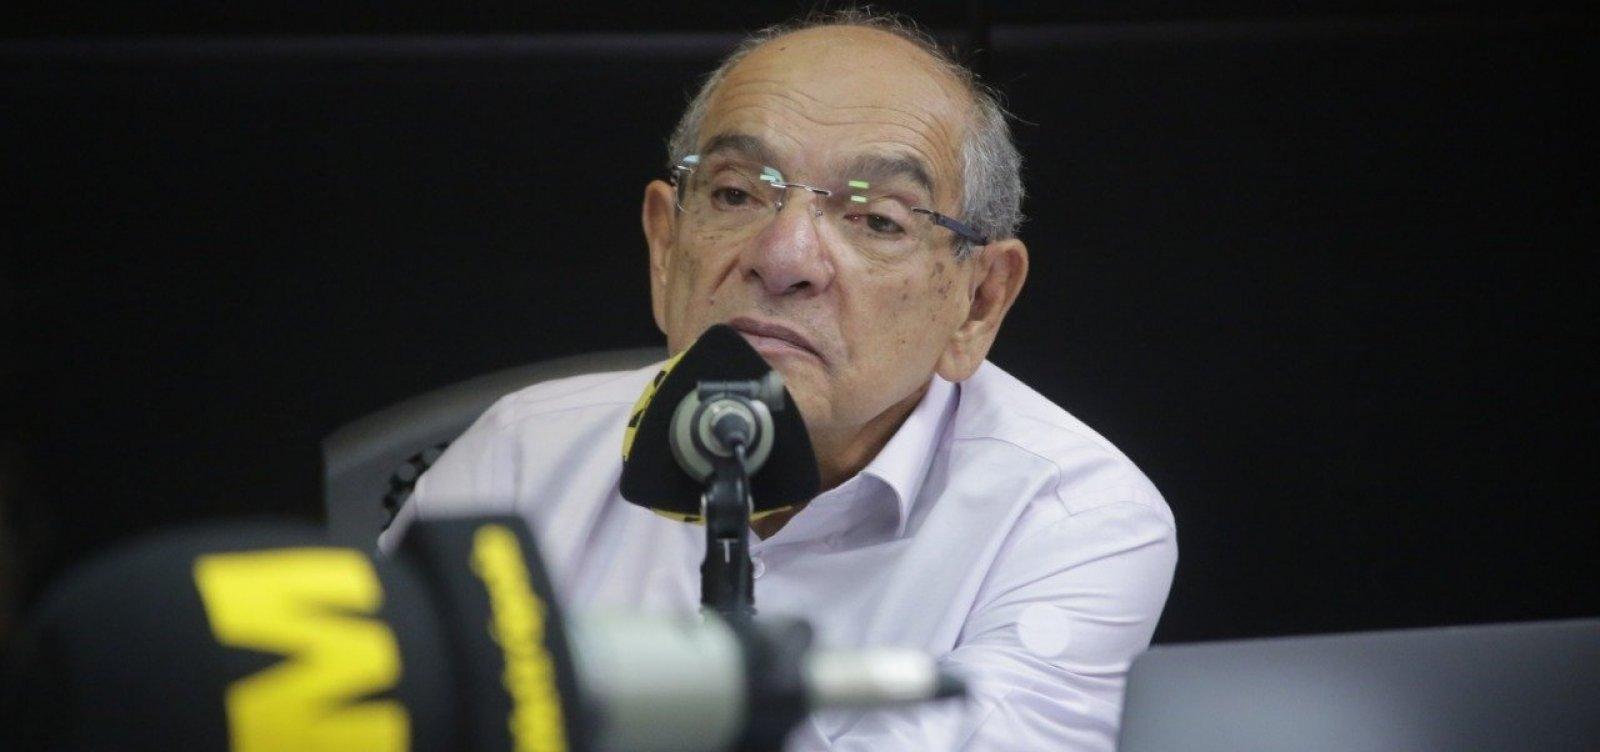 [MK repudia agressões a jornalistas em cobertura no Palácio do Alvorada: 'Absurdo']